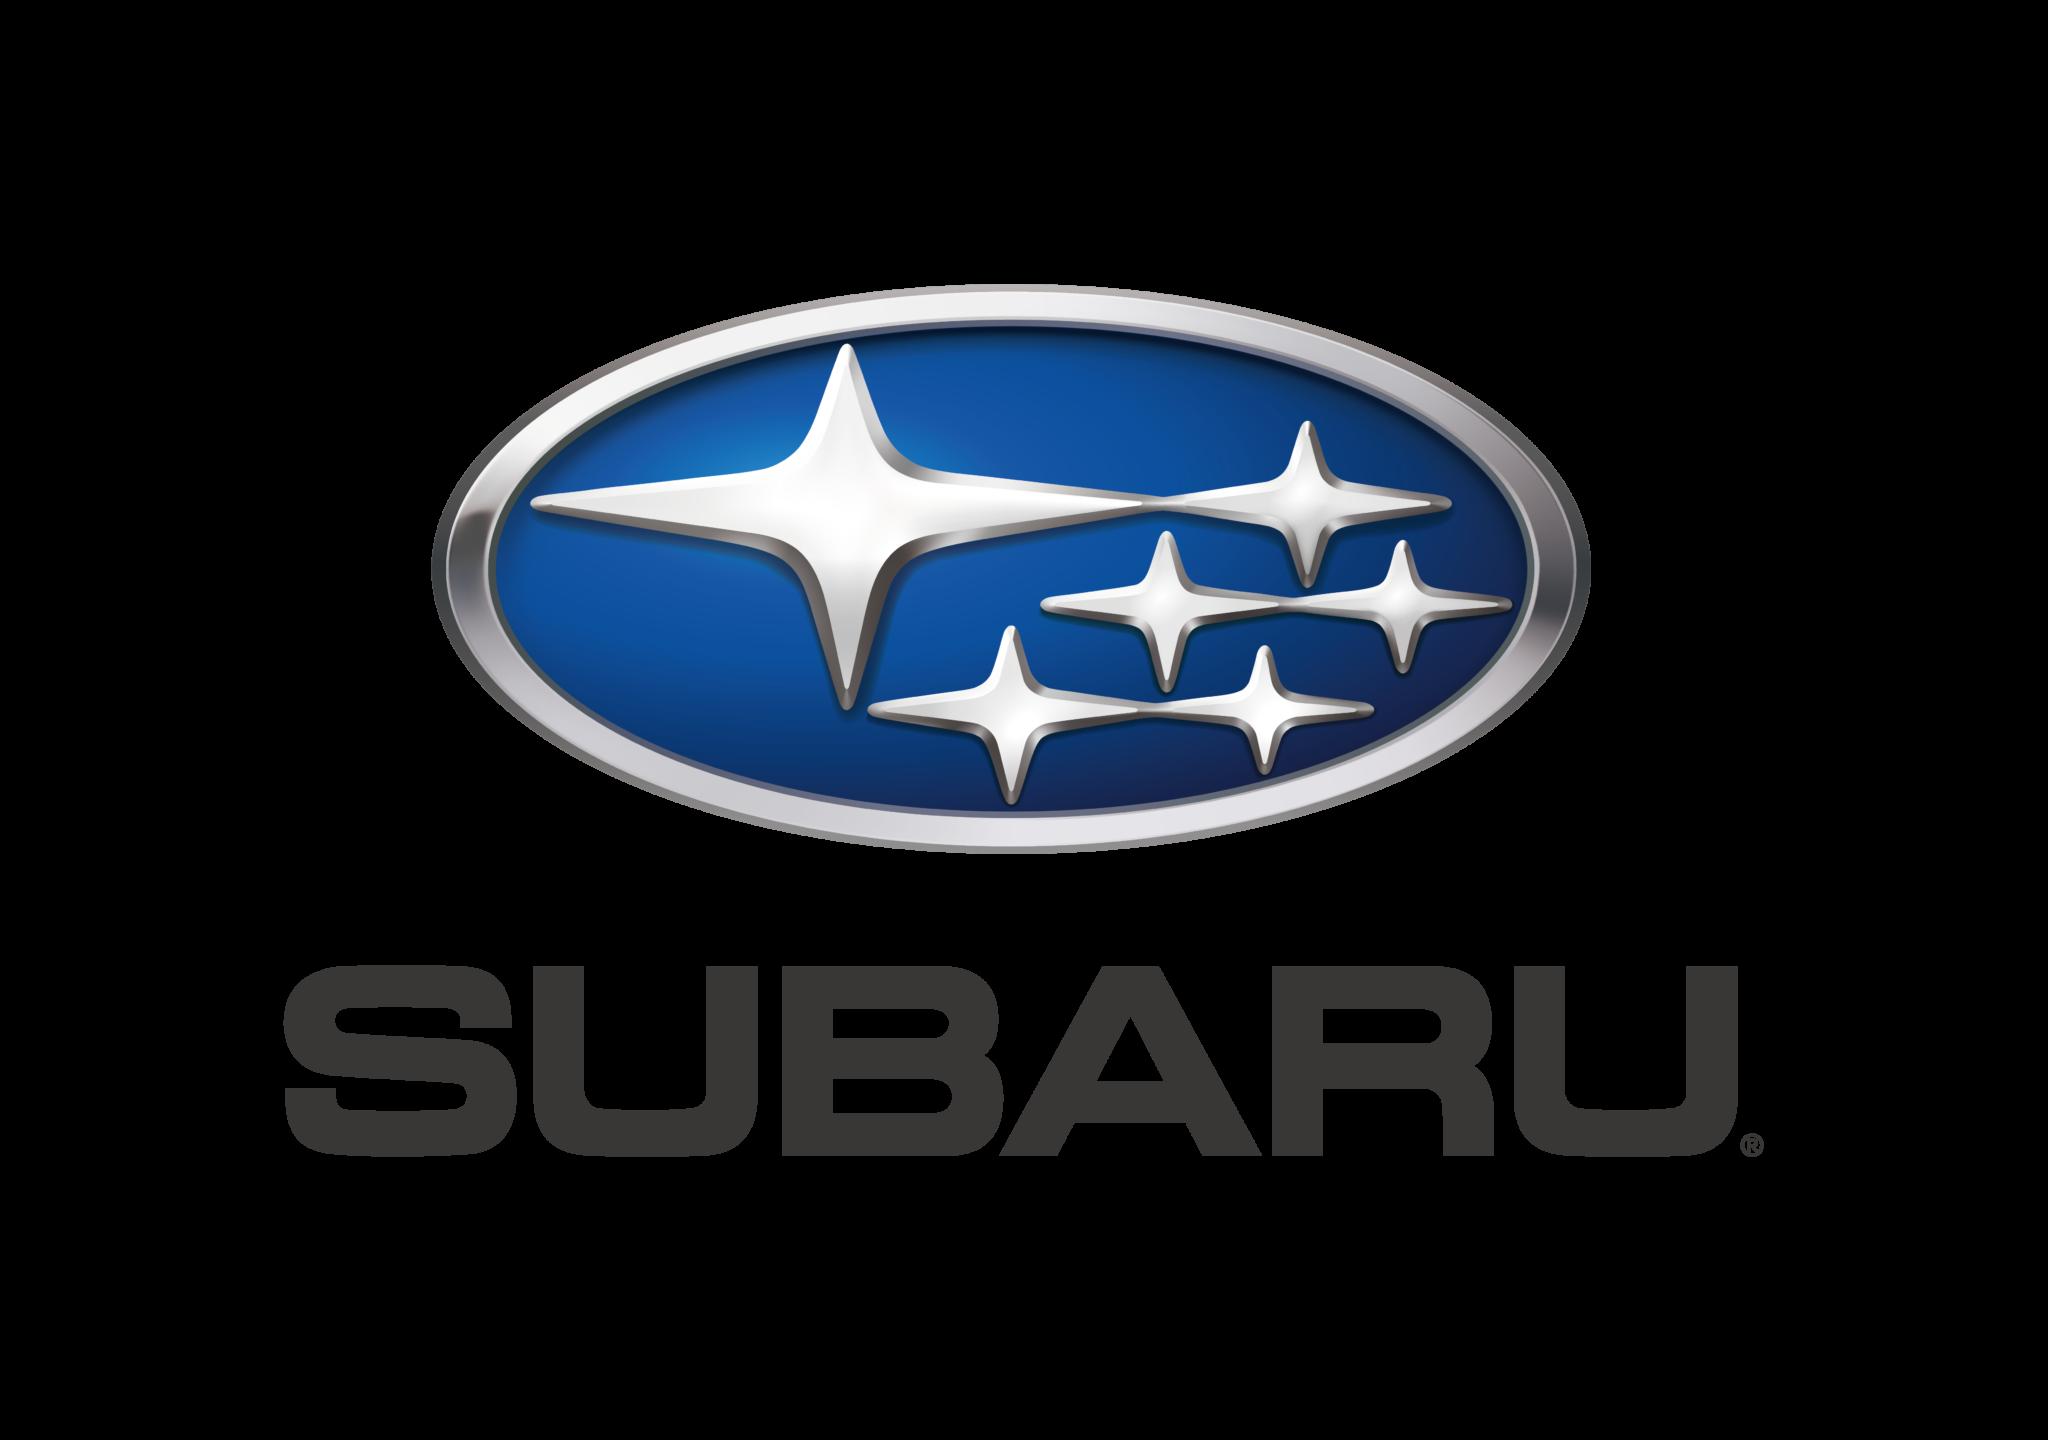 logo for Subaru